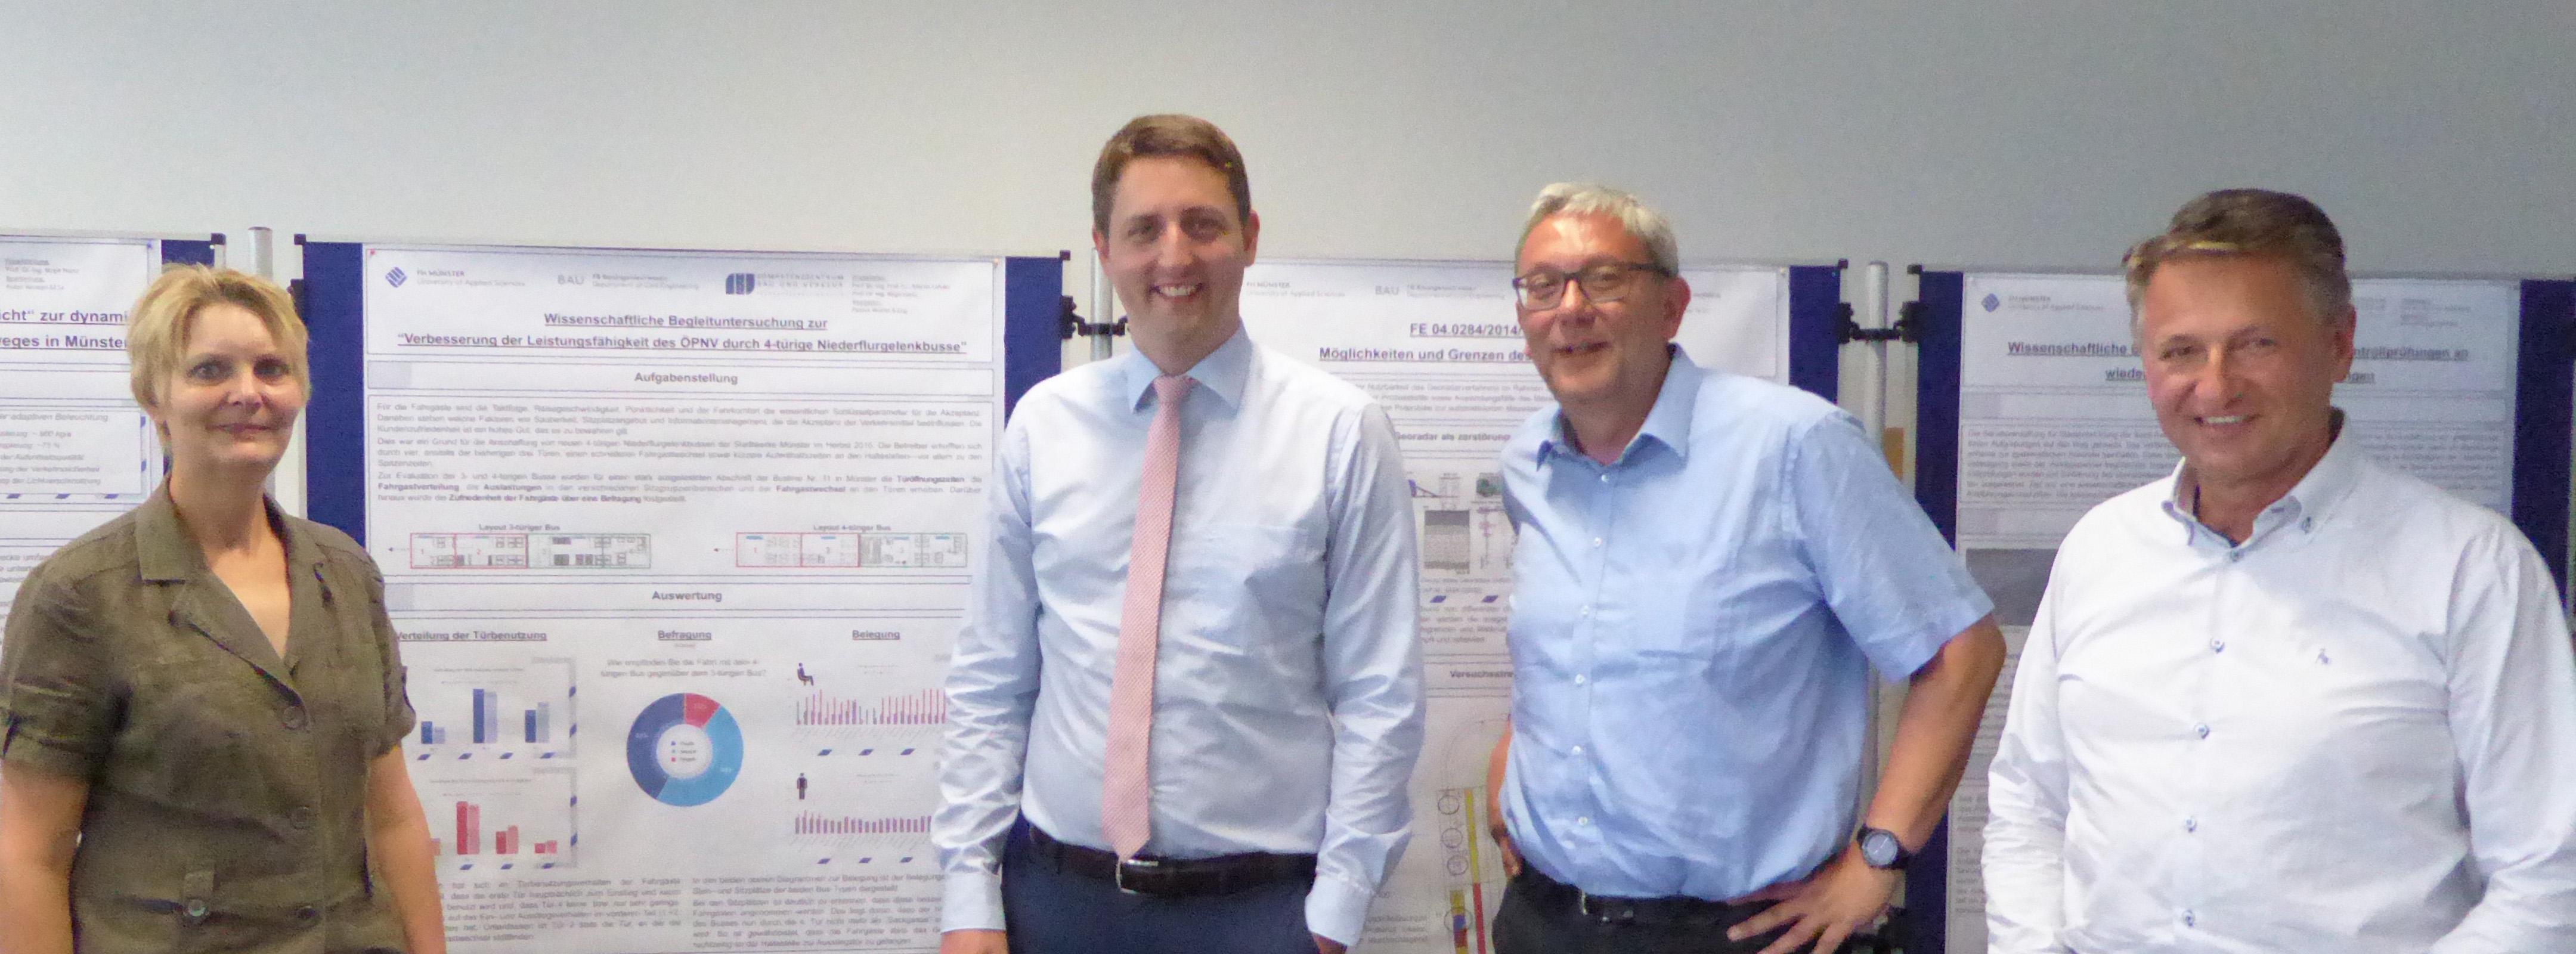 Stadtbaurat mit Professoren Hartz, Weßelborg und Lühder